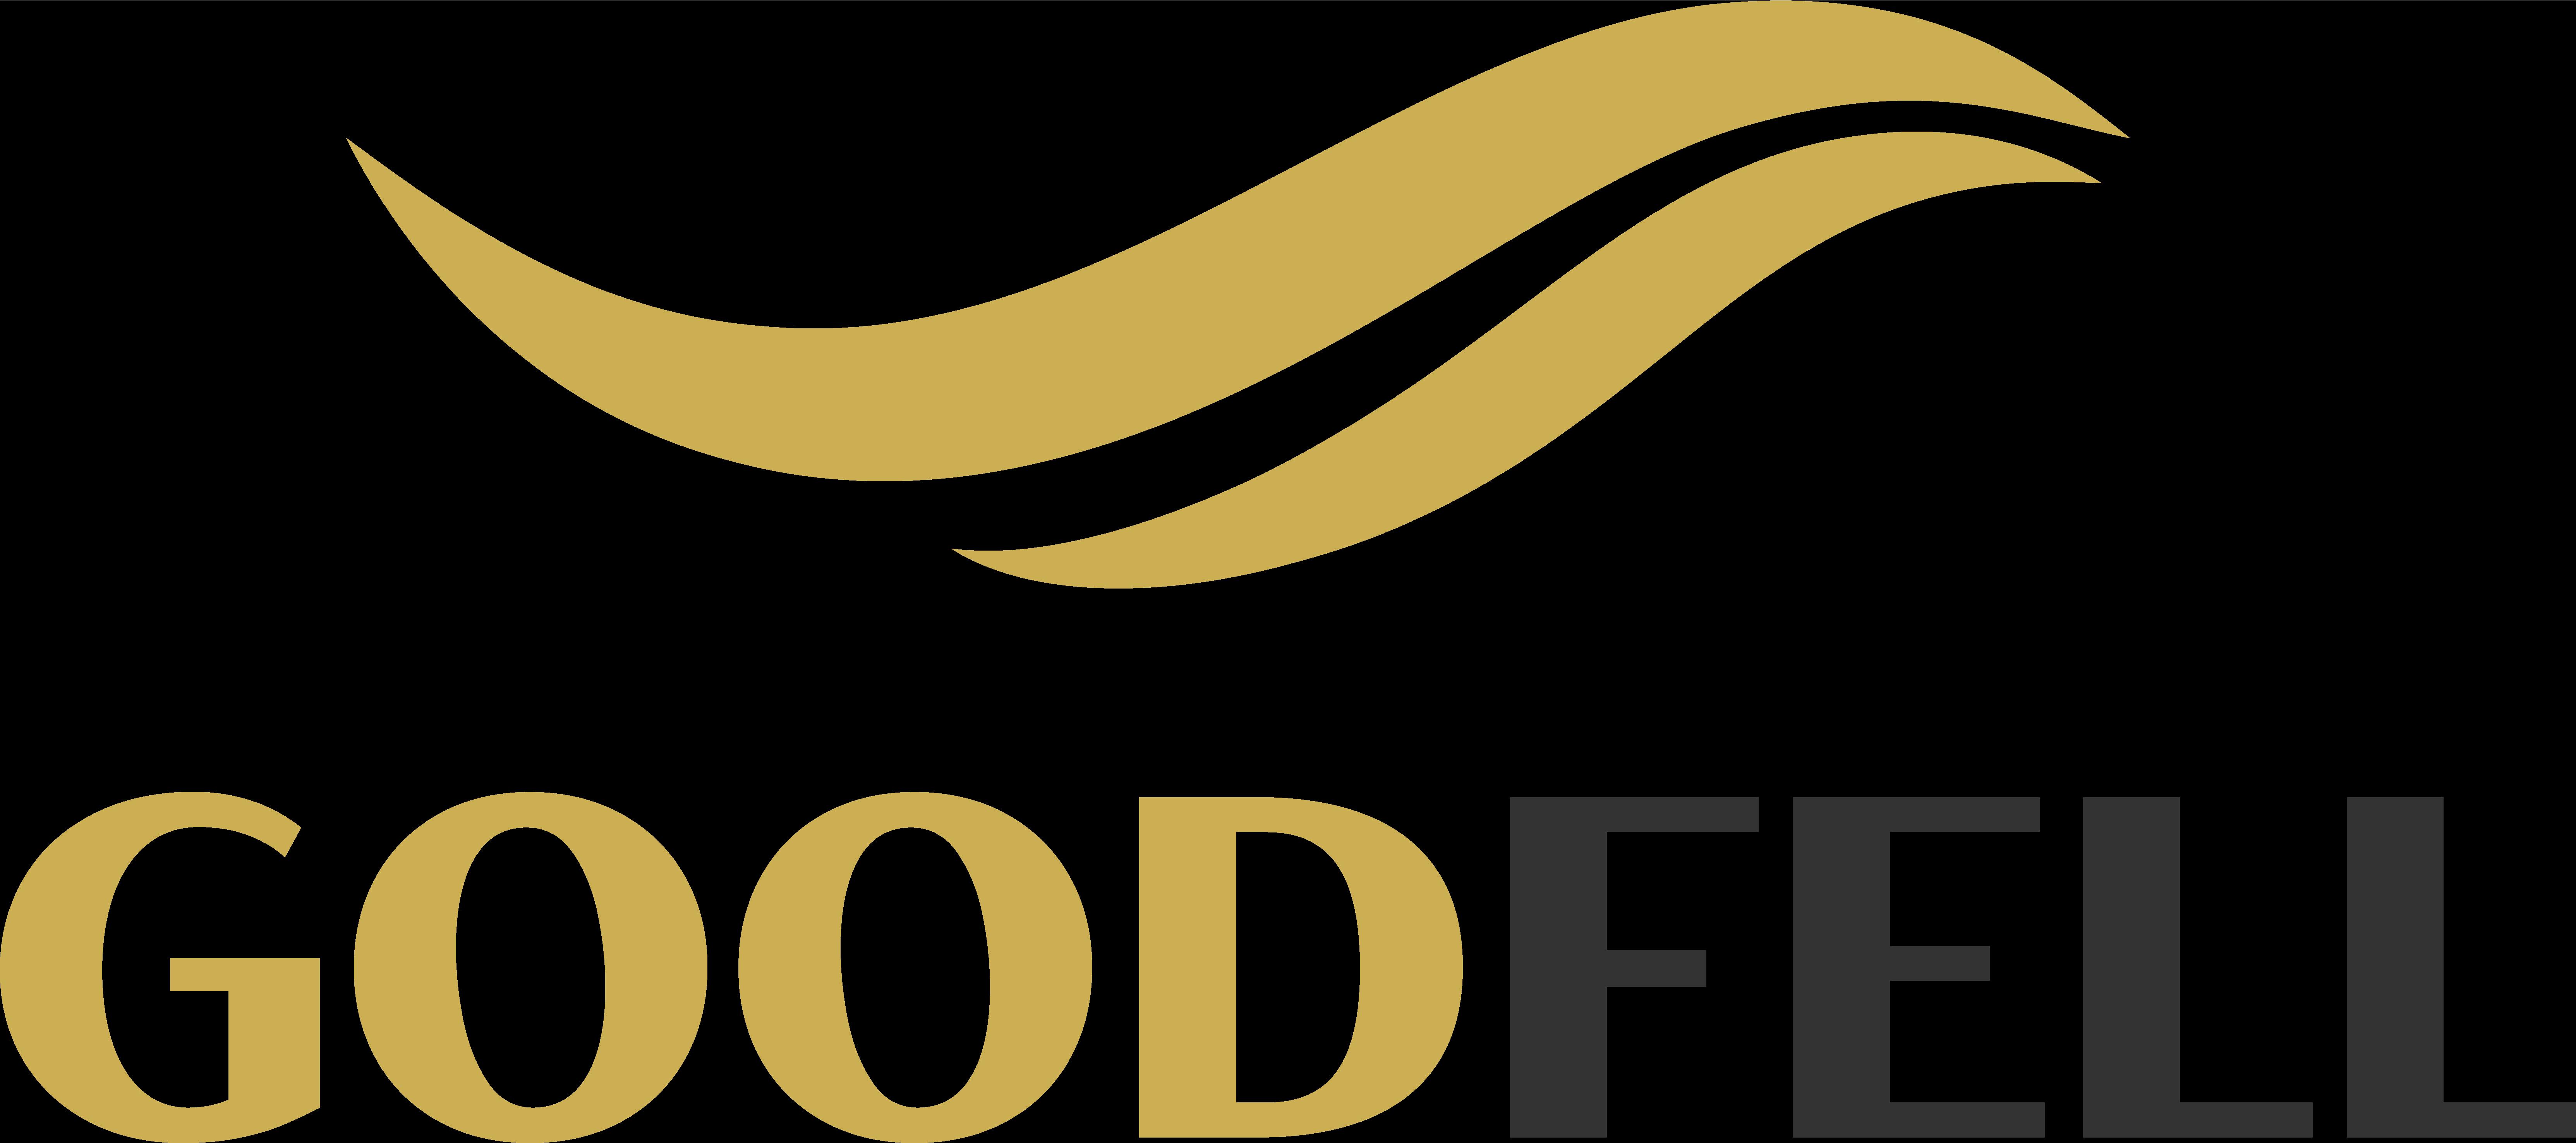 GoodFell - gutes Fell - gutes Gefühl!